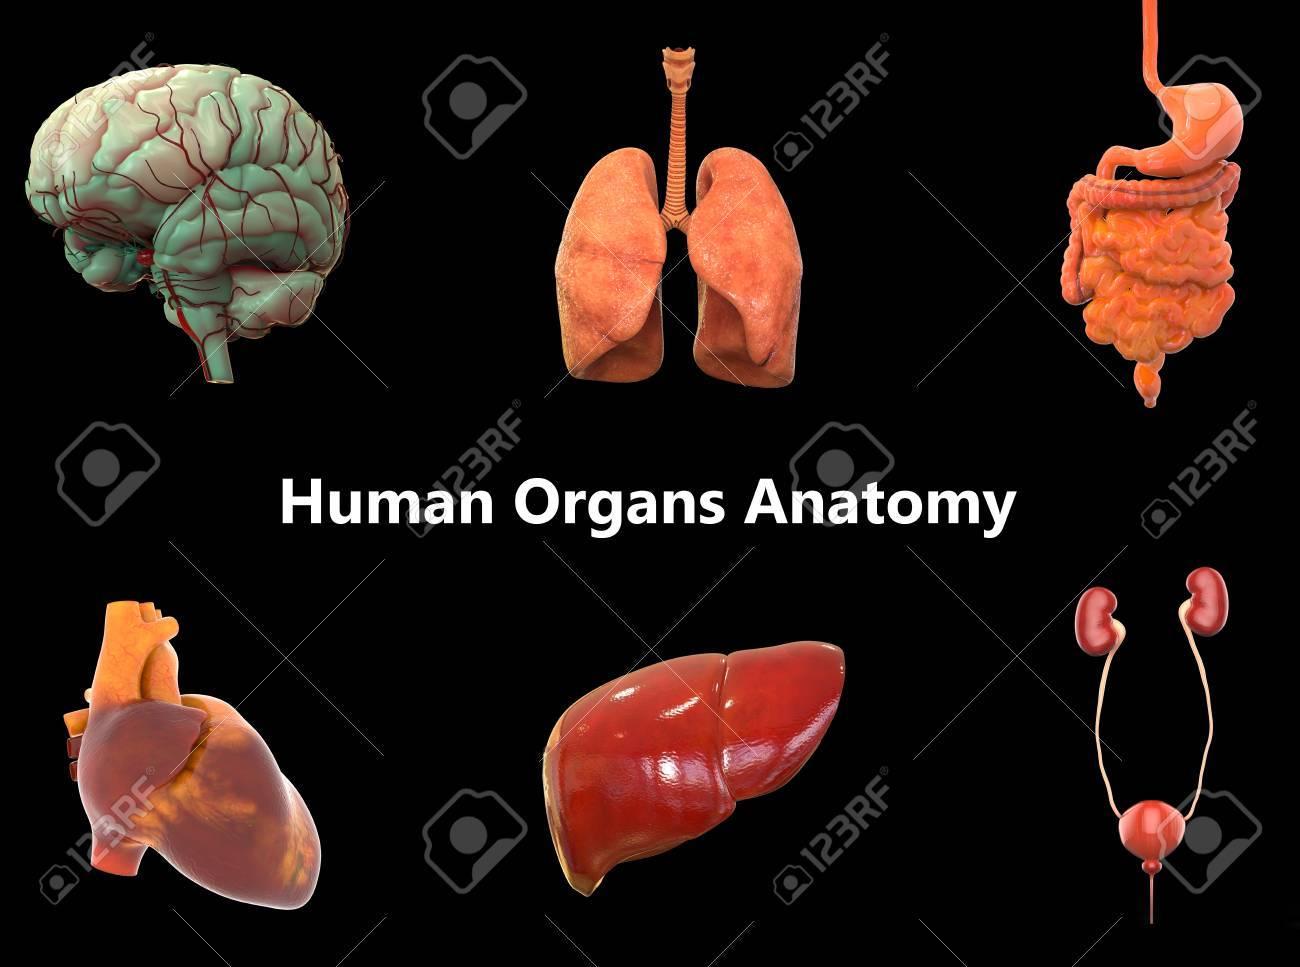 Los órganos Del Cuerpo Humano Anatomía (cerebro, Pulmones, Sistema ...